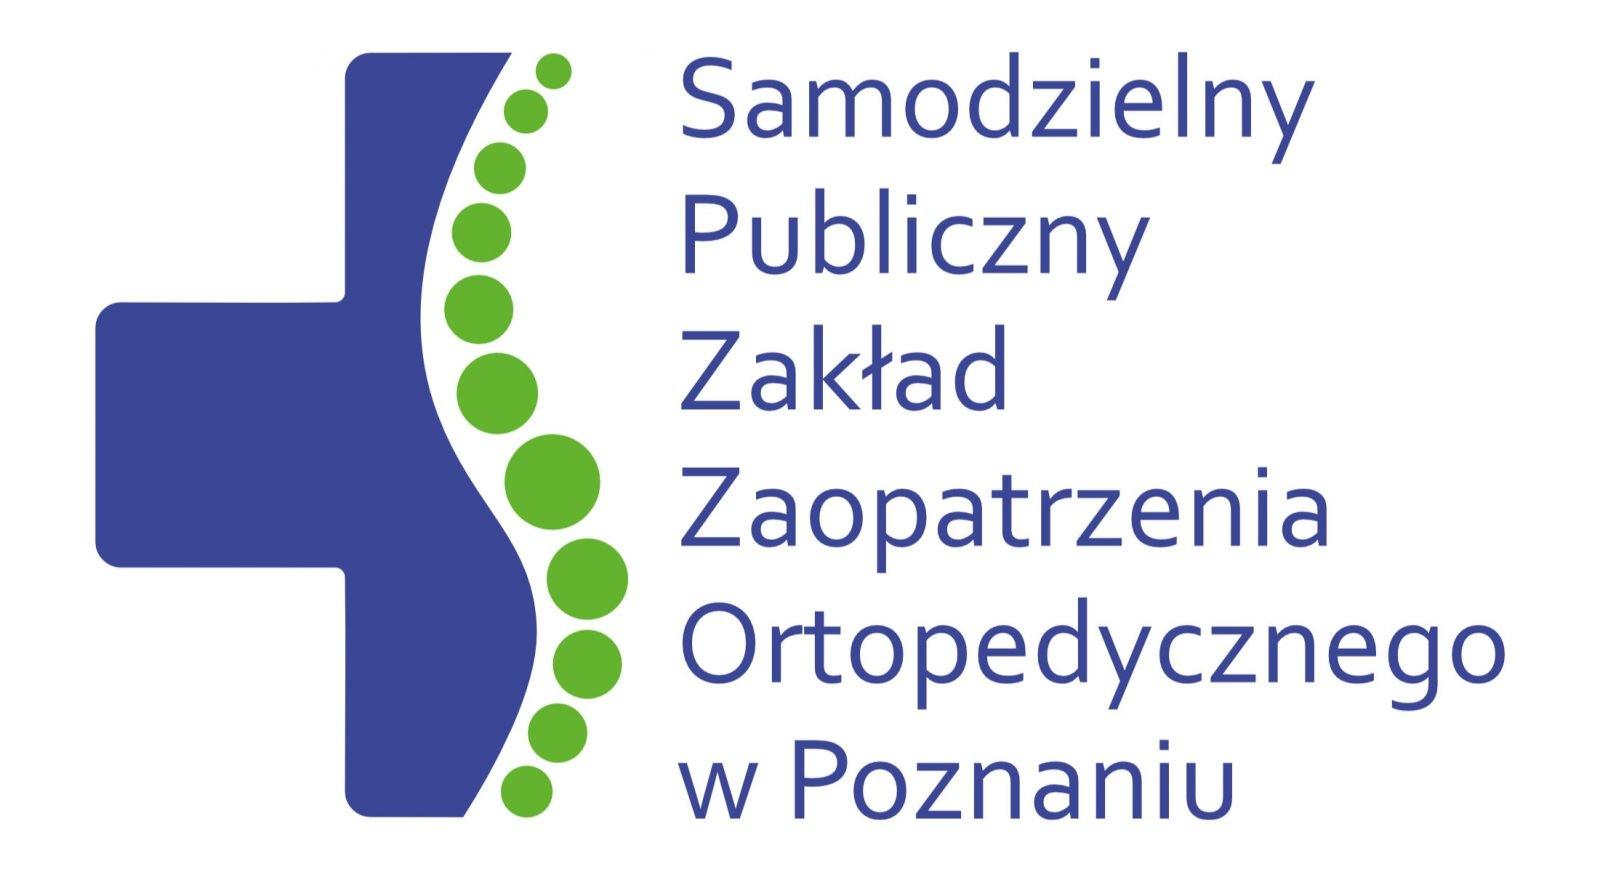 Samodzielny Publiczny Zakład Zaopatrzenia Ortopedycznego